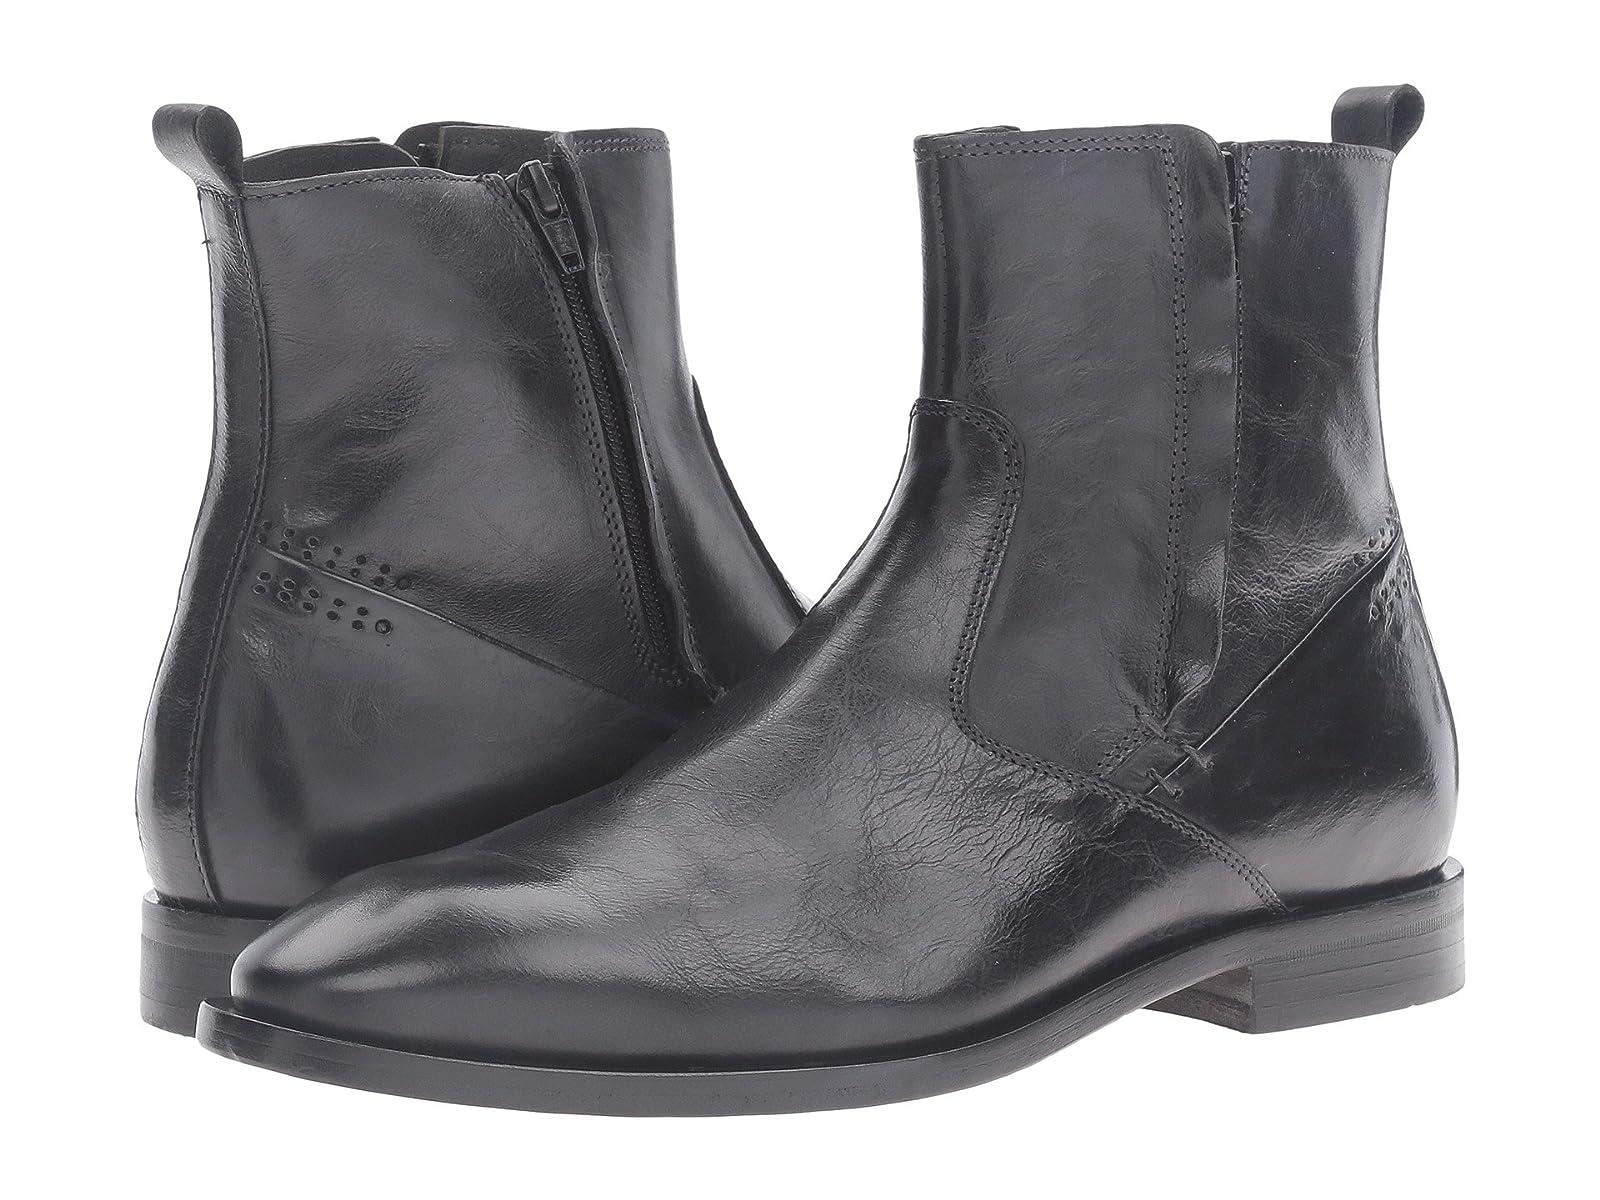 Bacco Bucci FalcaoCheap and distinctive eye-catching shoes